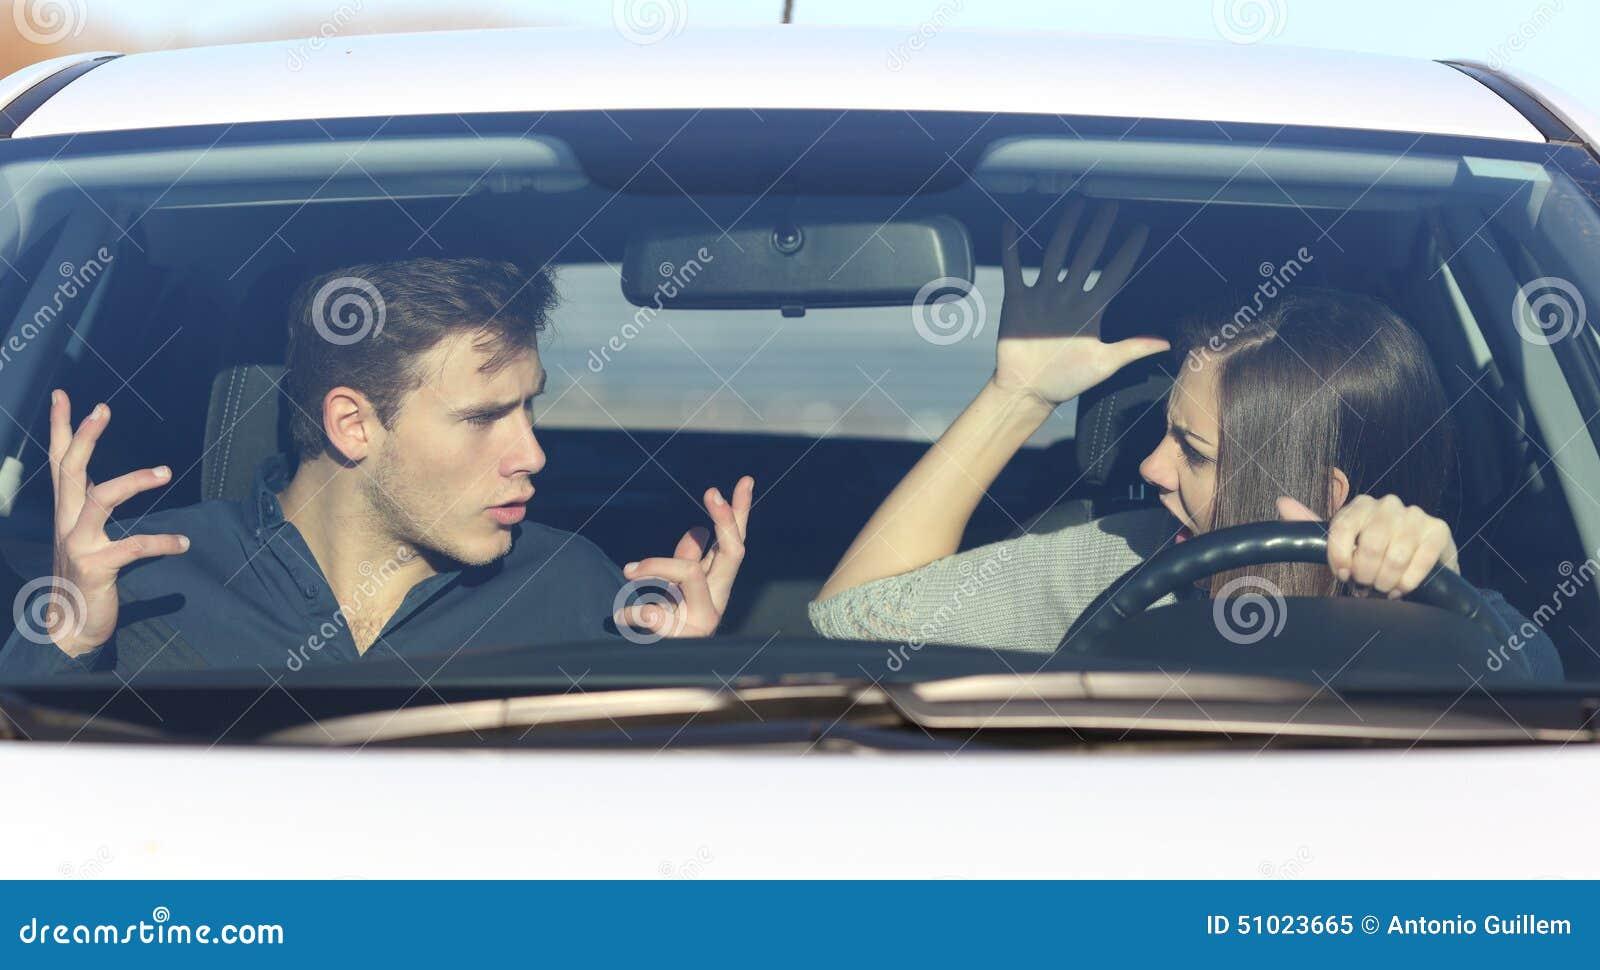 Couplez l argumentation tandis qu elle conduit une voiture